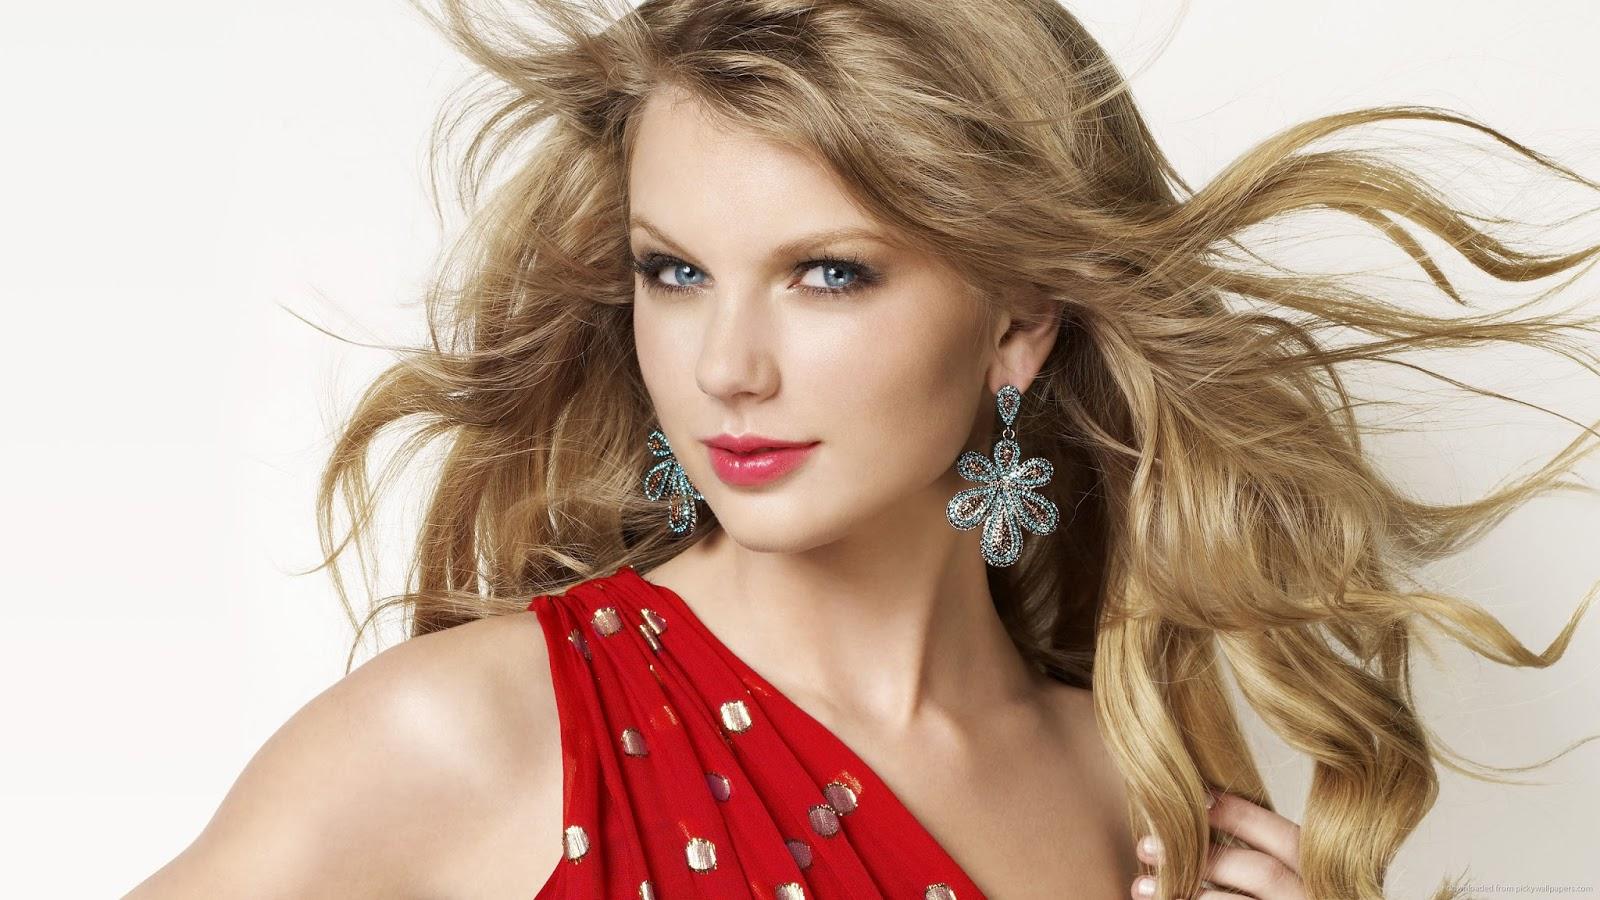 HD Wallpapers: Taylor Swift HD Wallpaper